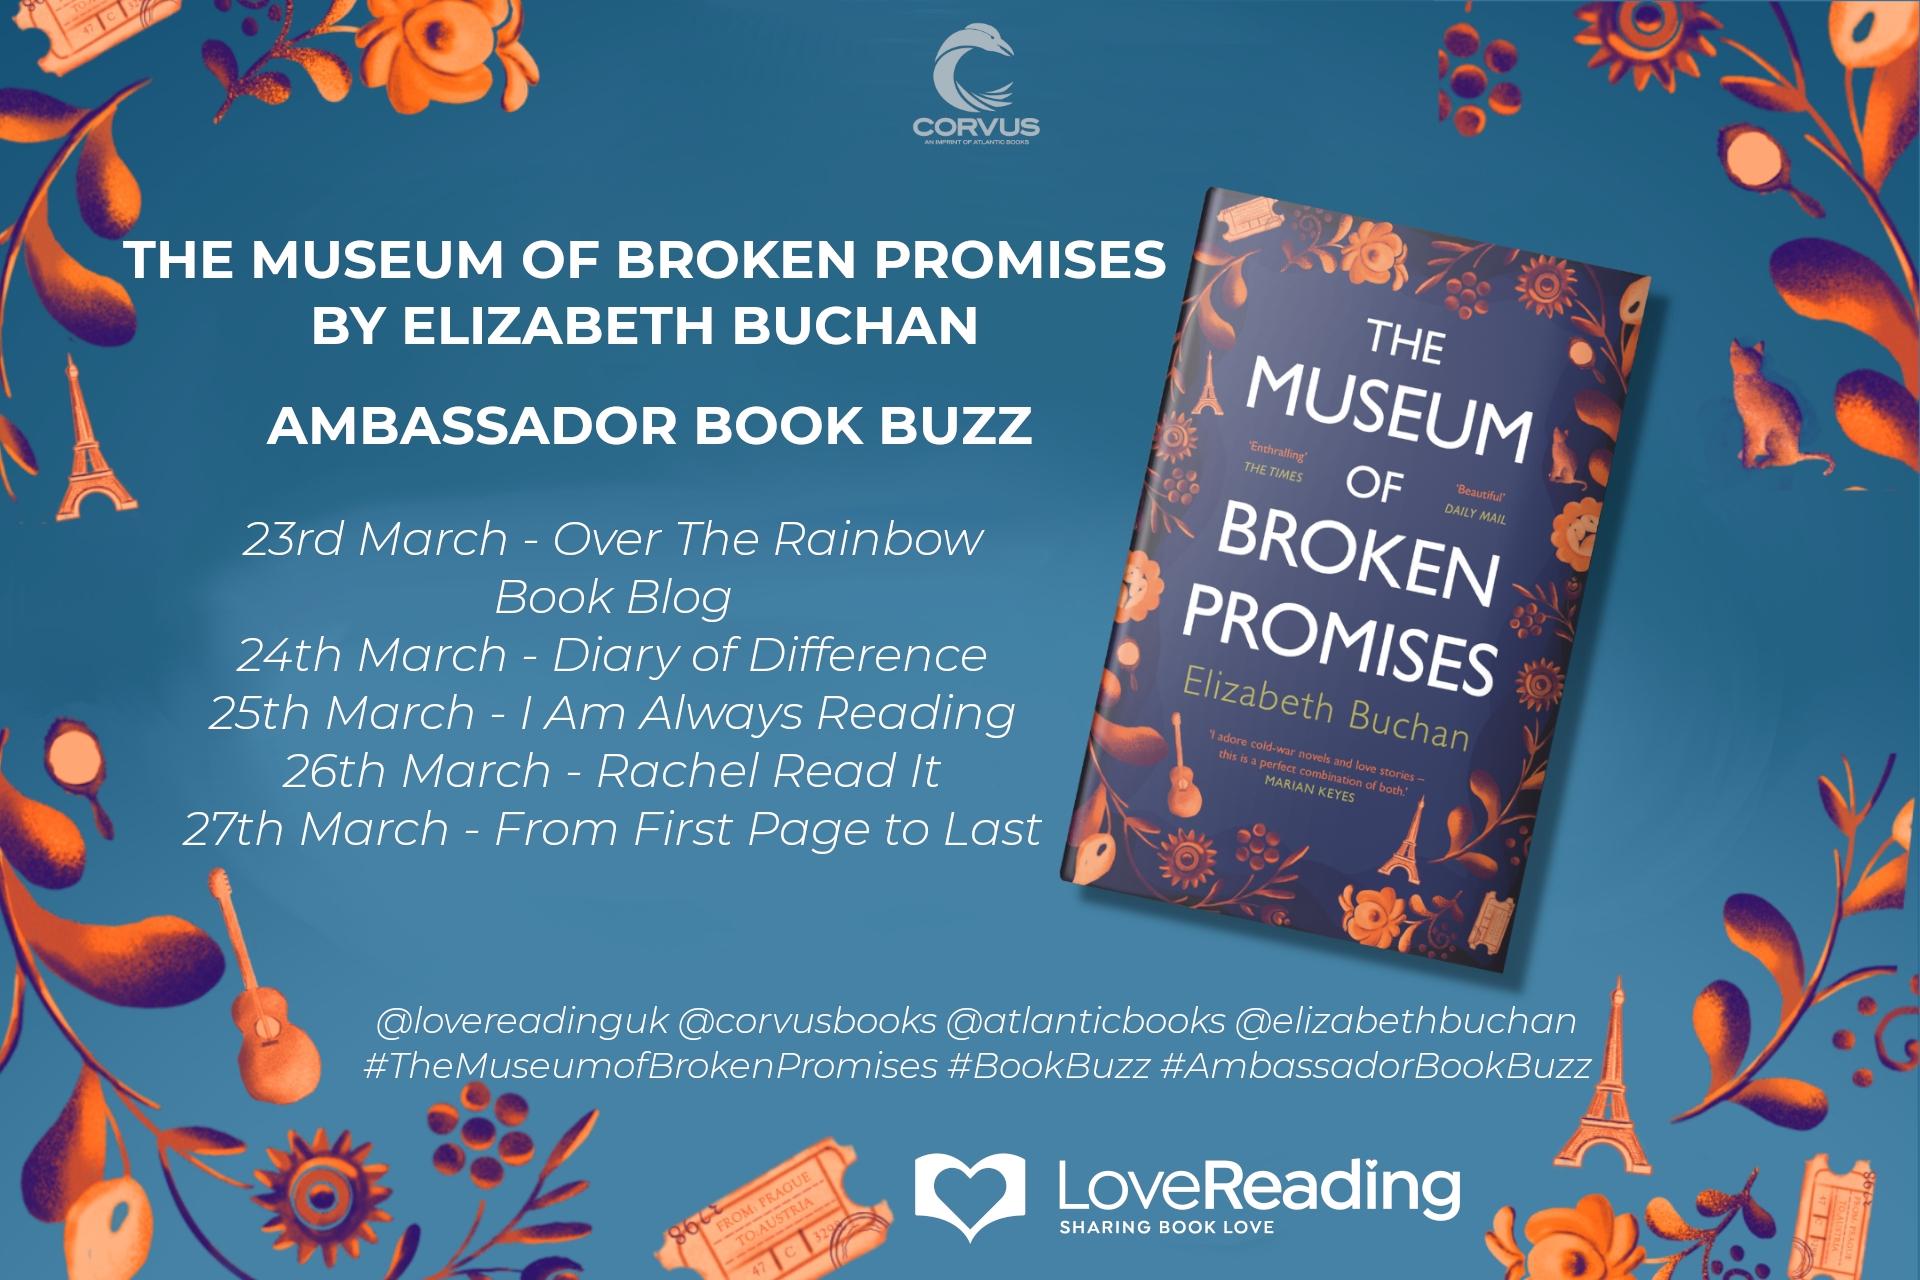 Ambassador Book Buzz: The Museum of Broken Promises by Elizabeth Buchan